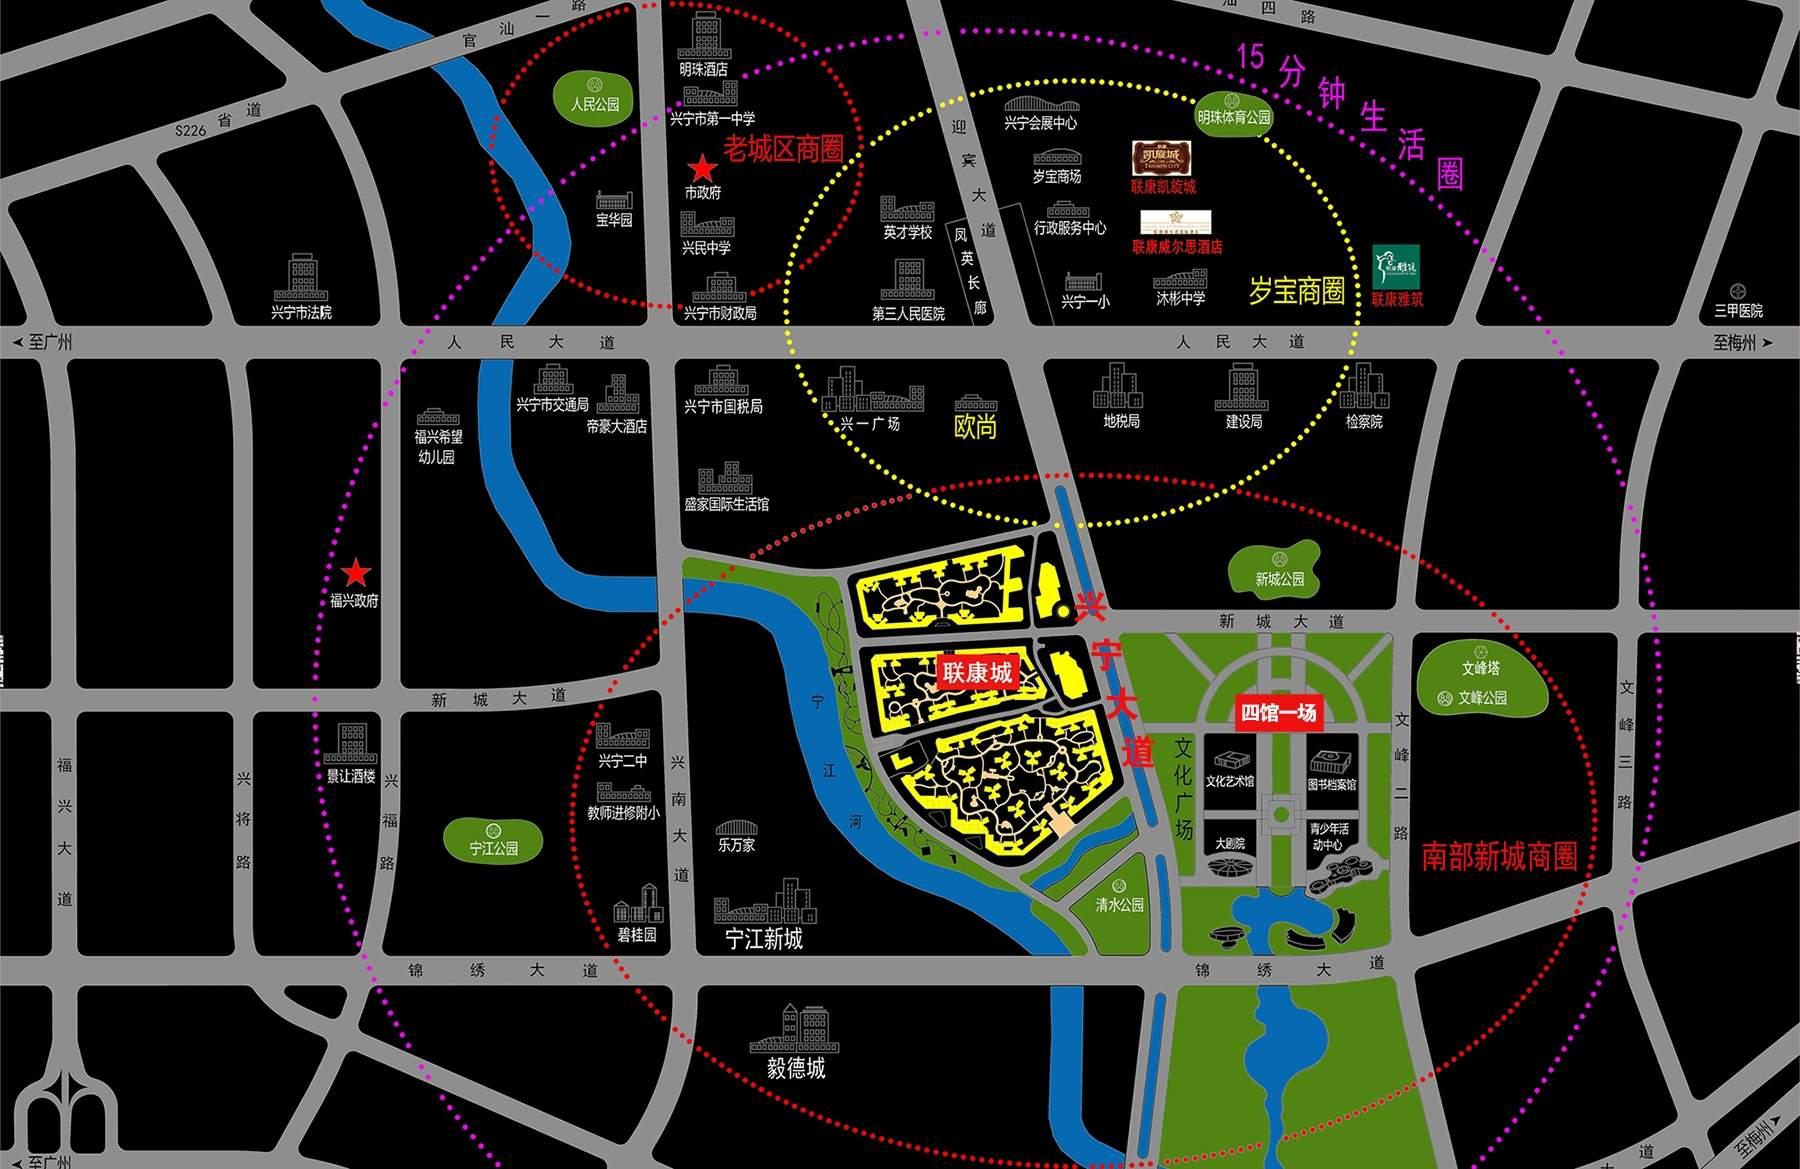 联康城位置图